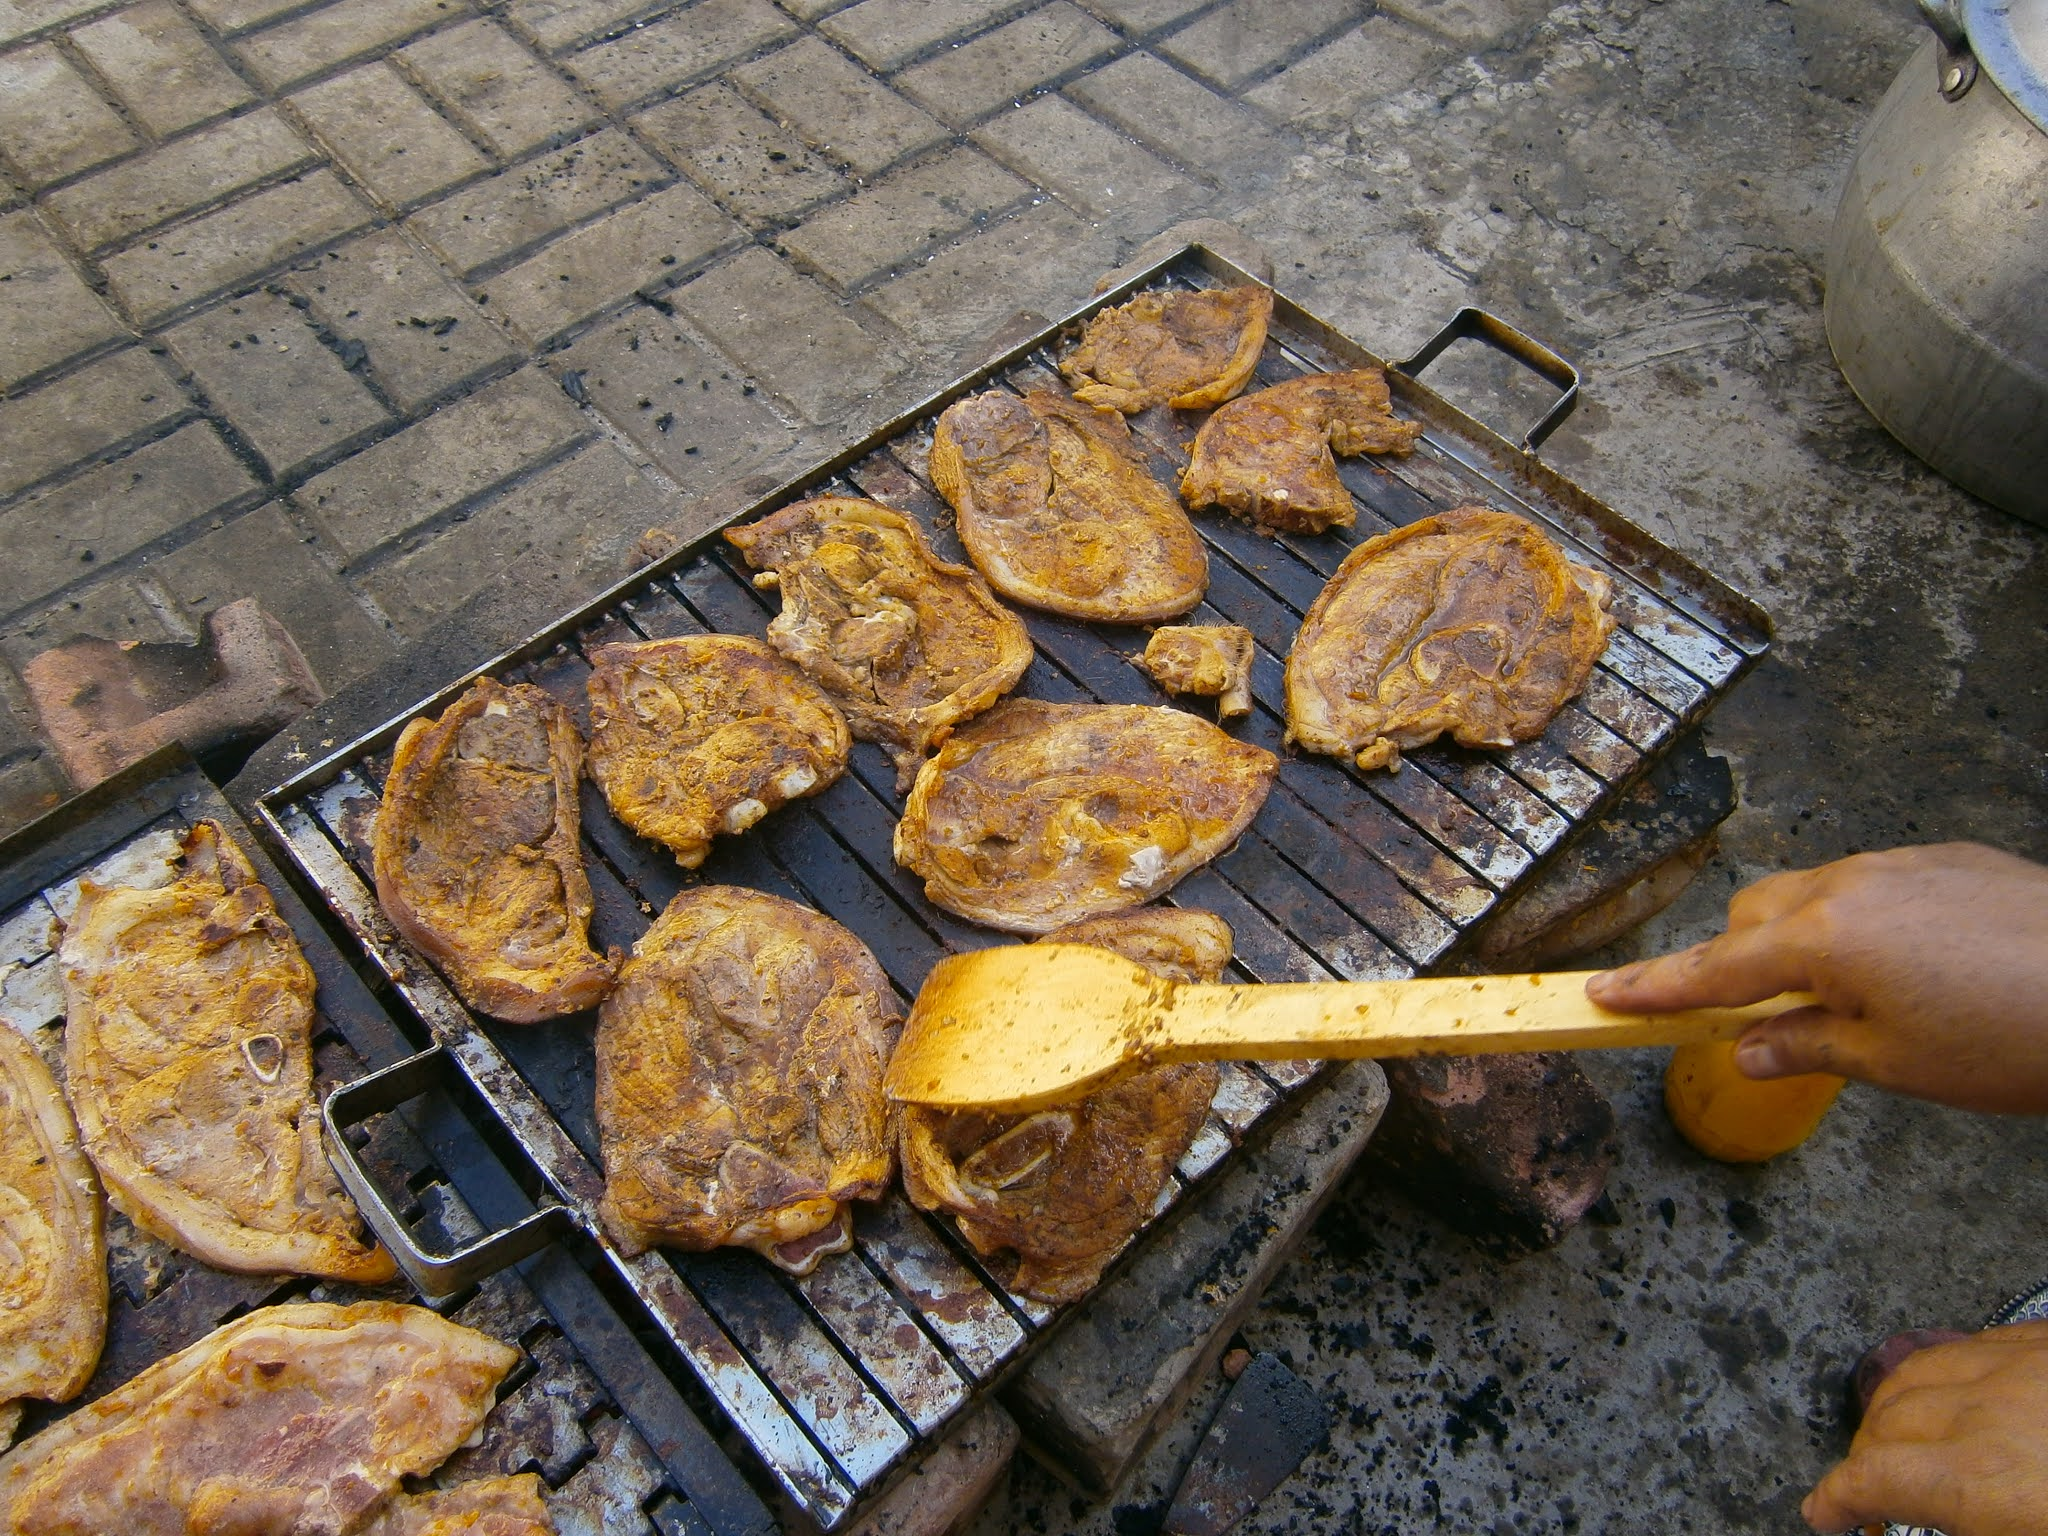 fotografía de Parrilla de chancho hecha sobre una parrilla cocinado con carbón en Perú